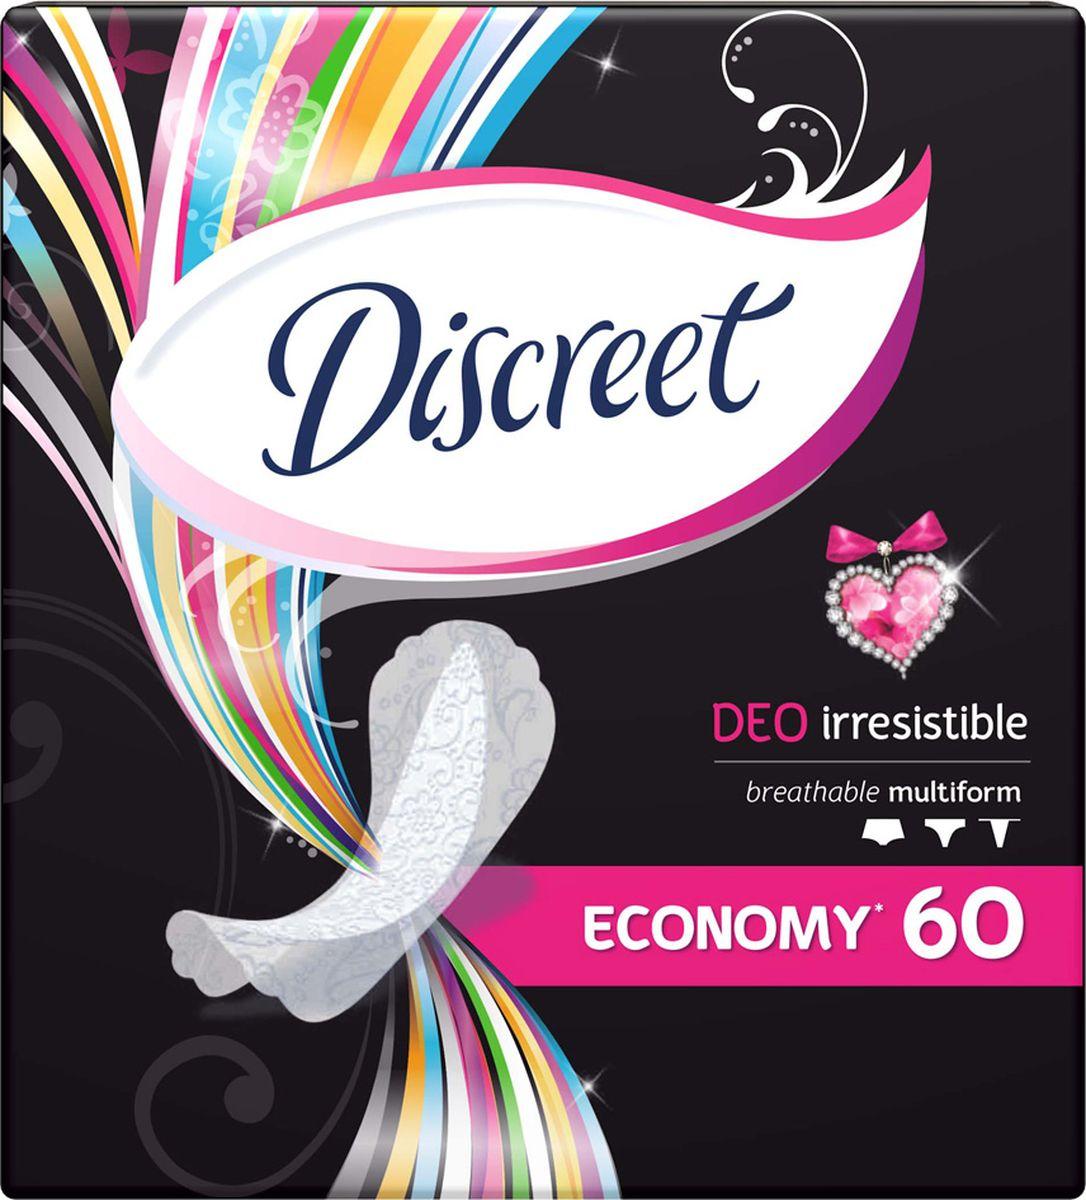 Discreet Женские гигиенические прокладки на каждый день Deo Irresistible Multiform Trio 60 шт28032022Ежедневные экстрадышащие гигиенические прокладки, которые сохраняют свежесть до 12 часов